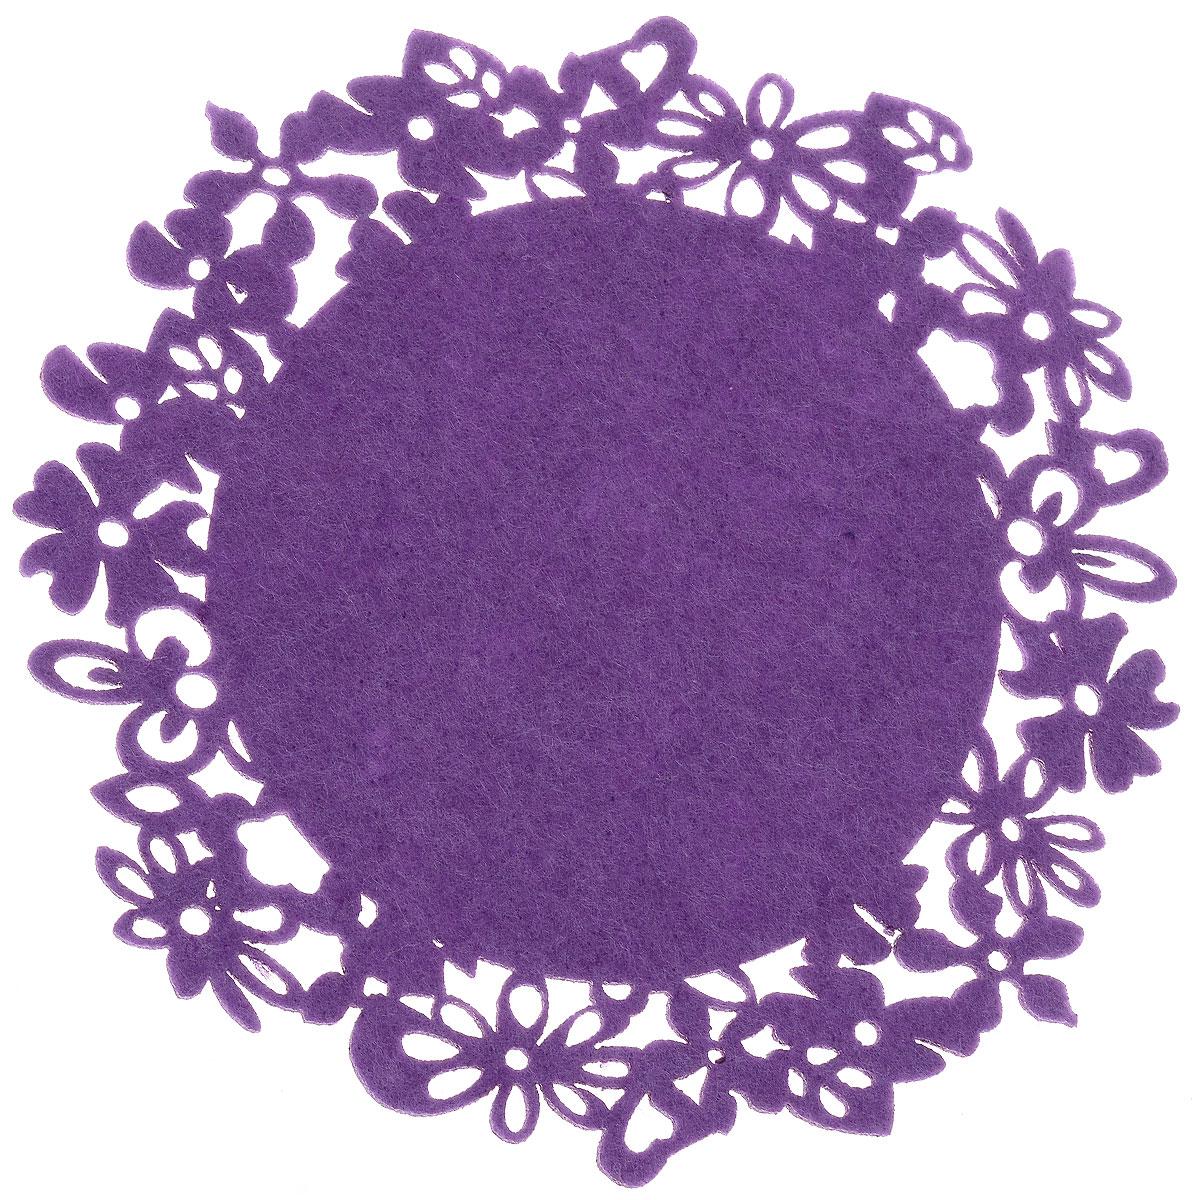 """Круглая салфетка-подставка под горячее Orange """"Цветы"""" изготовлена из фетра и оформлена изысканной перфорацией в виде цветов. Такая салфетка прекрасно подойдет для украшения интерьера кухни, она сбережет стол от высоких температур и грязи.Диаметр: 19,5 см."""